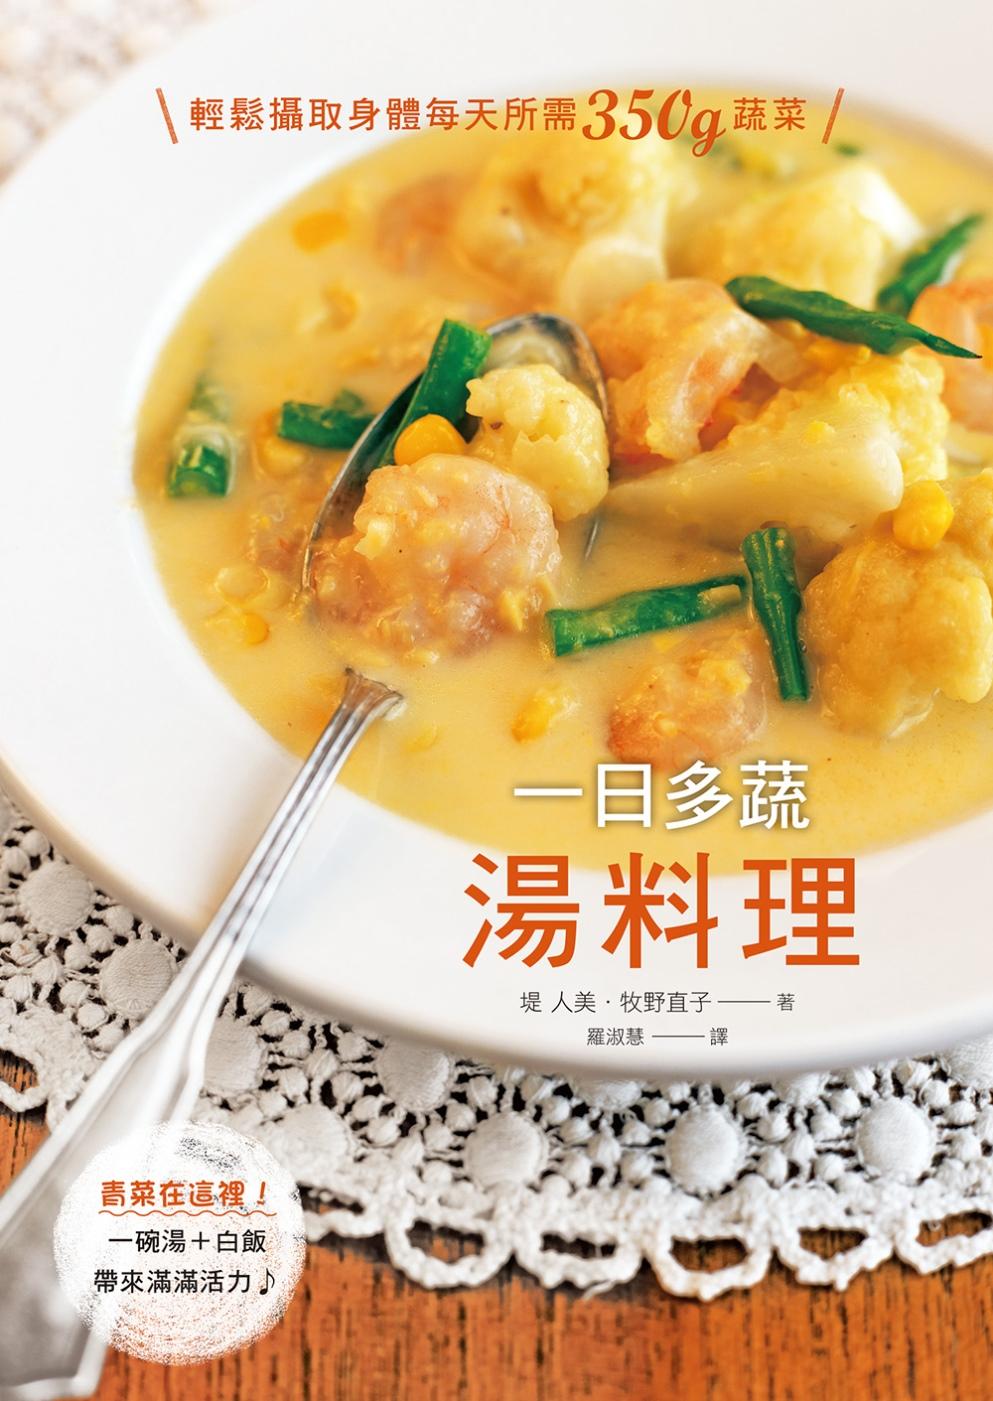 一日多蔬湯料理:輕鬆攝取身體每天所需350g蔬菜,一鍋就能帶給你營養 飽足♪